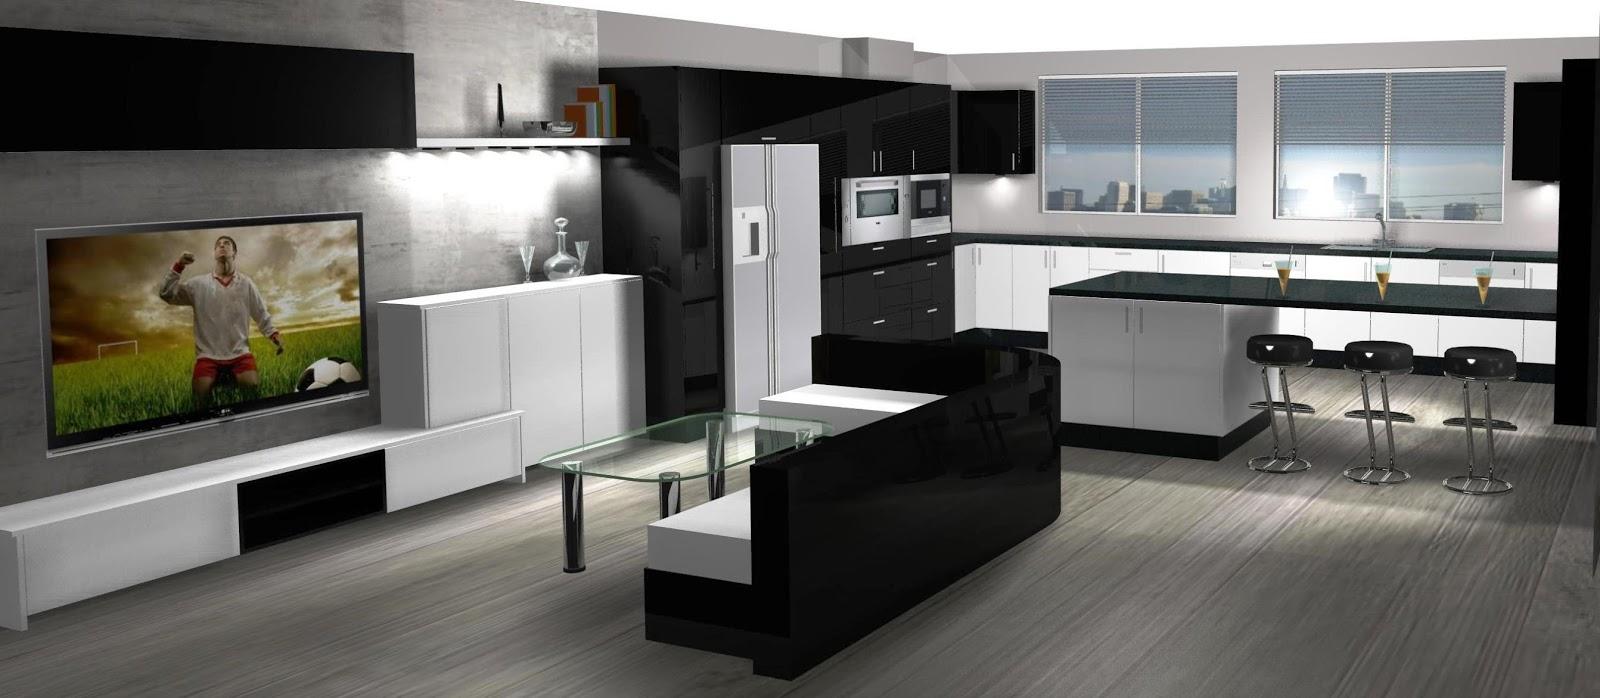 Dise o de cocina comedor lacado en blanco y negro for Disenos de cocinas comedor